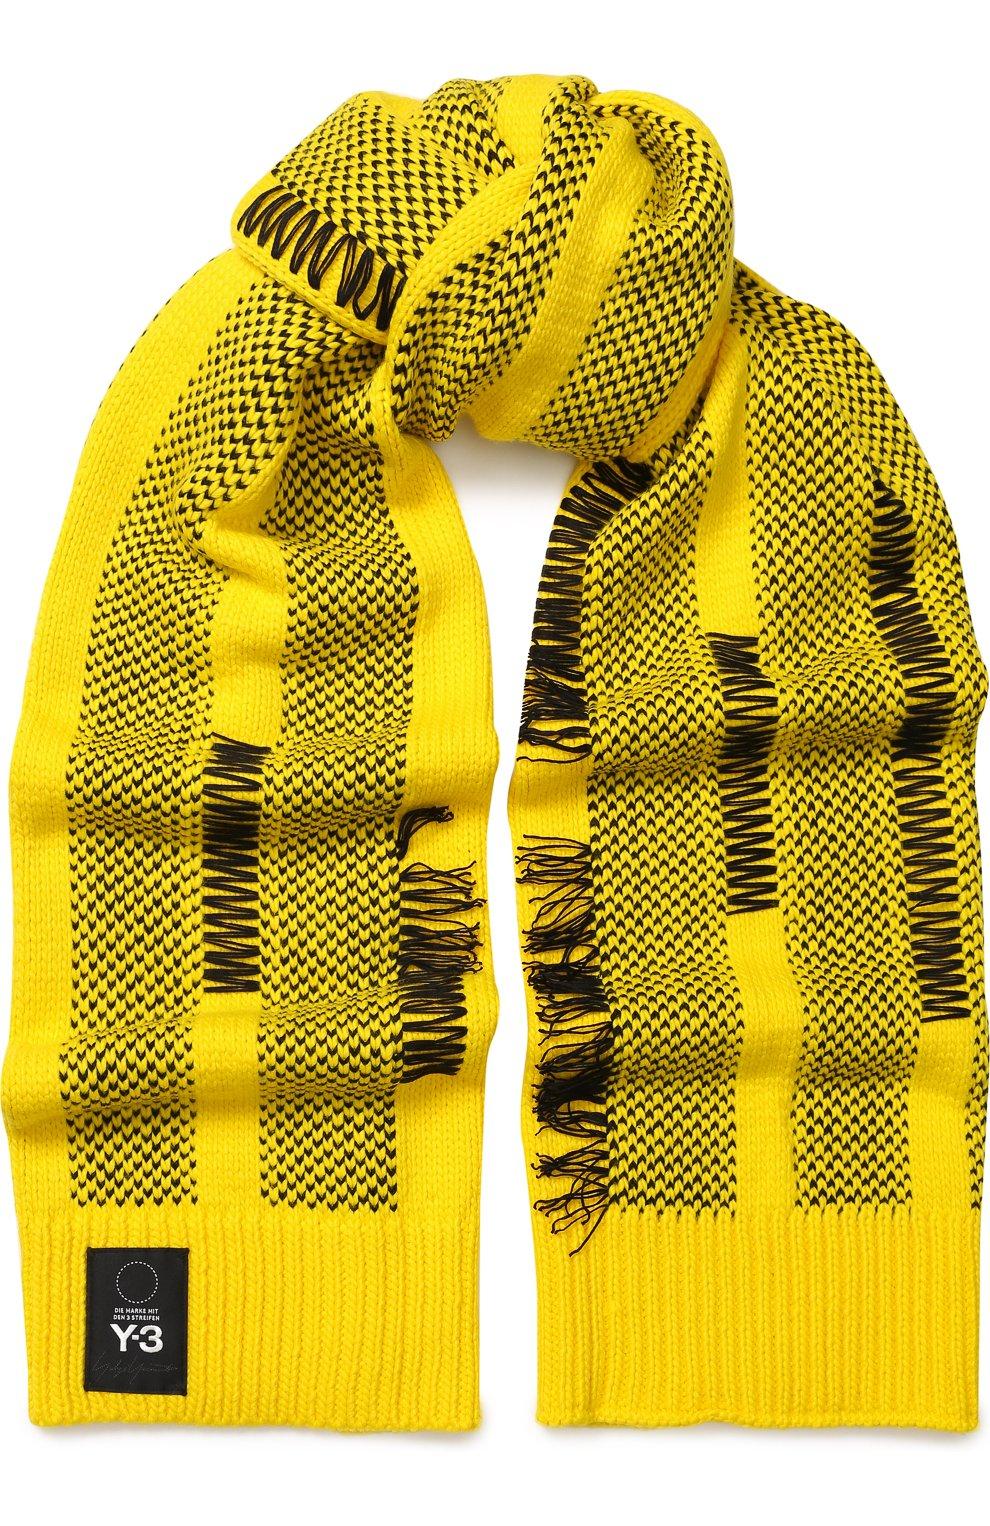 89e9fe771756 Жёлтые мужские шарфы по цене от 13 750 руб. купить в интернет-магазине ЦУМ